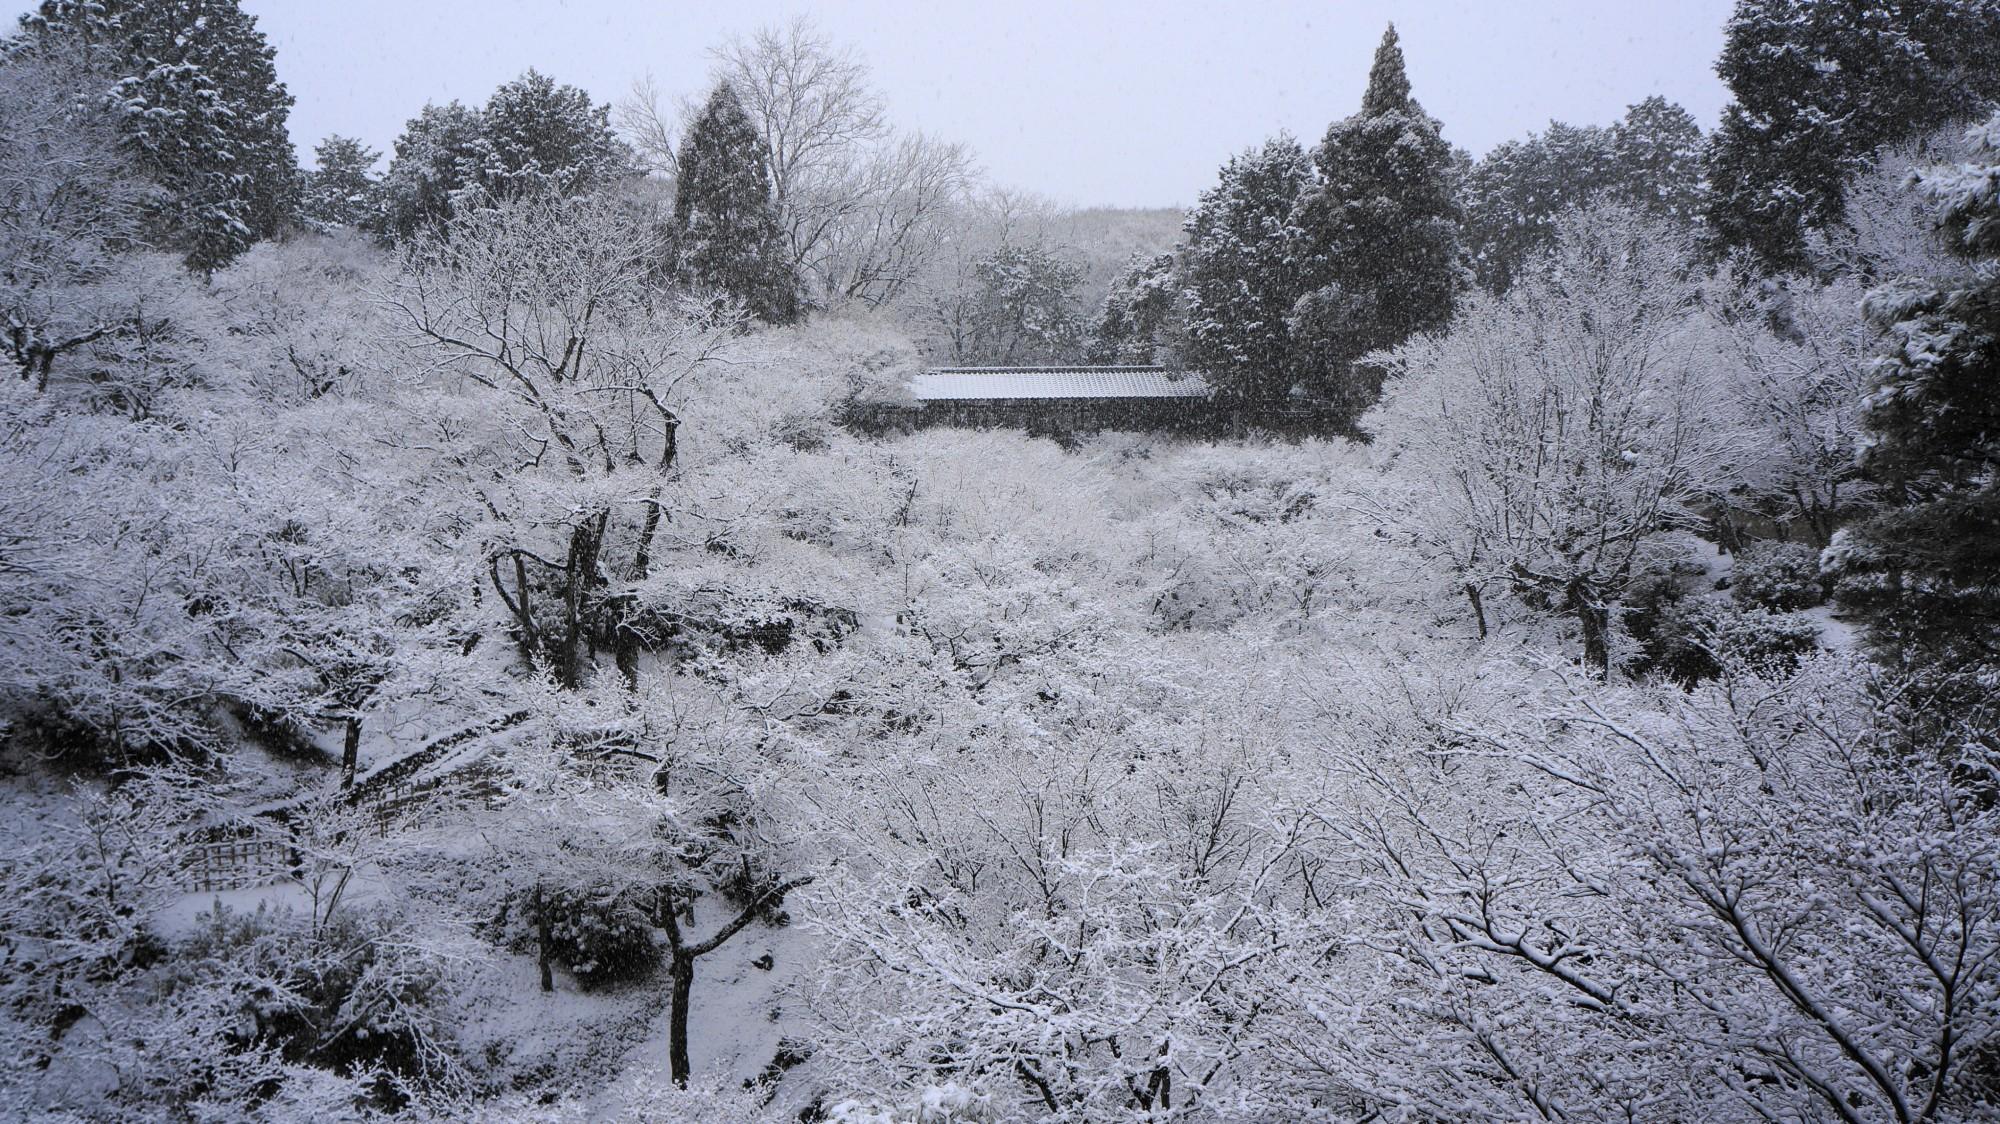 東福寺 雪景色 真っ白な冬の荒海と庭園